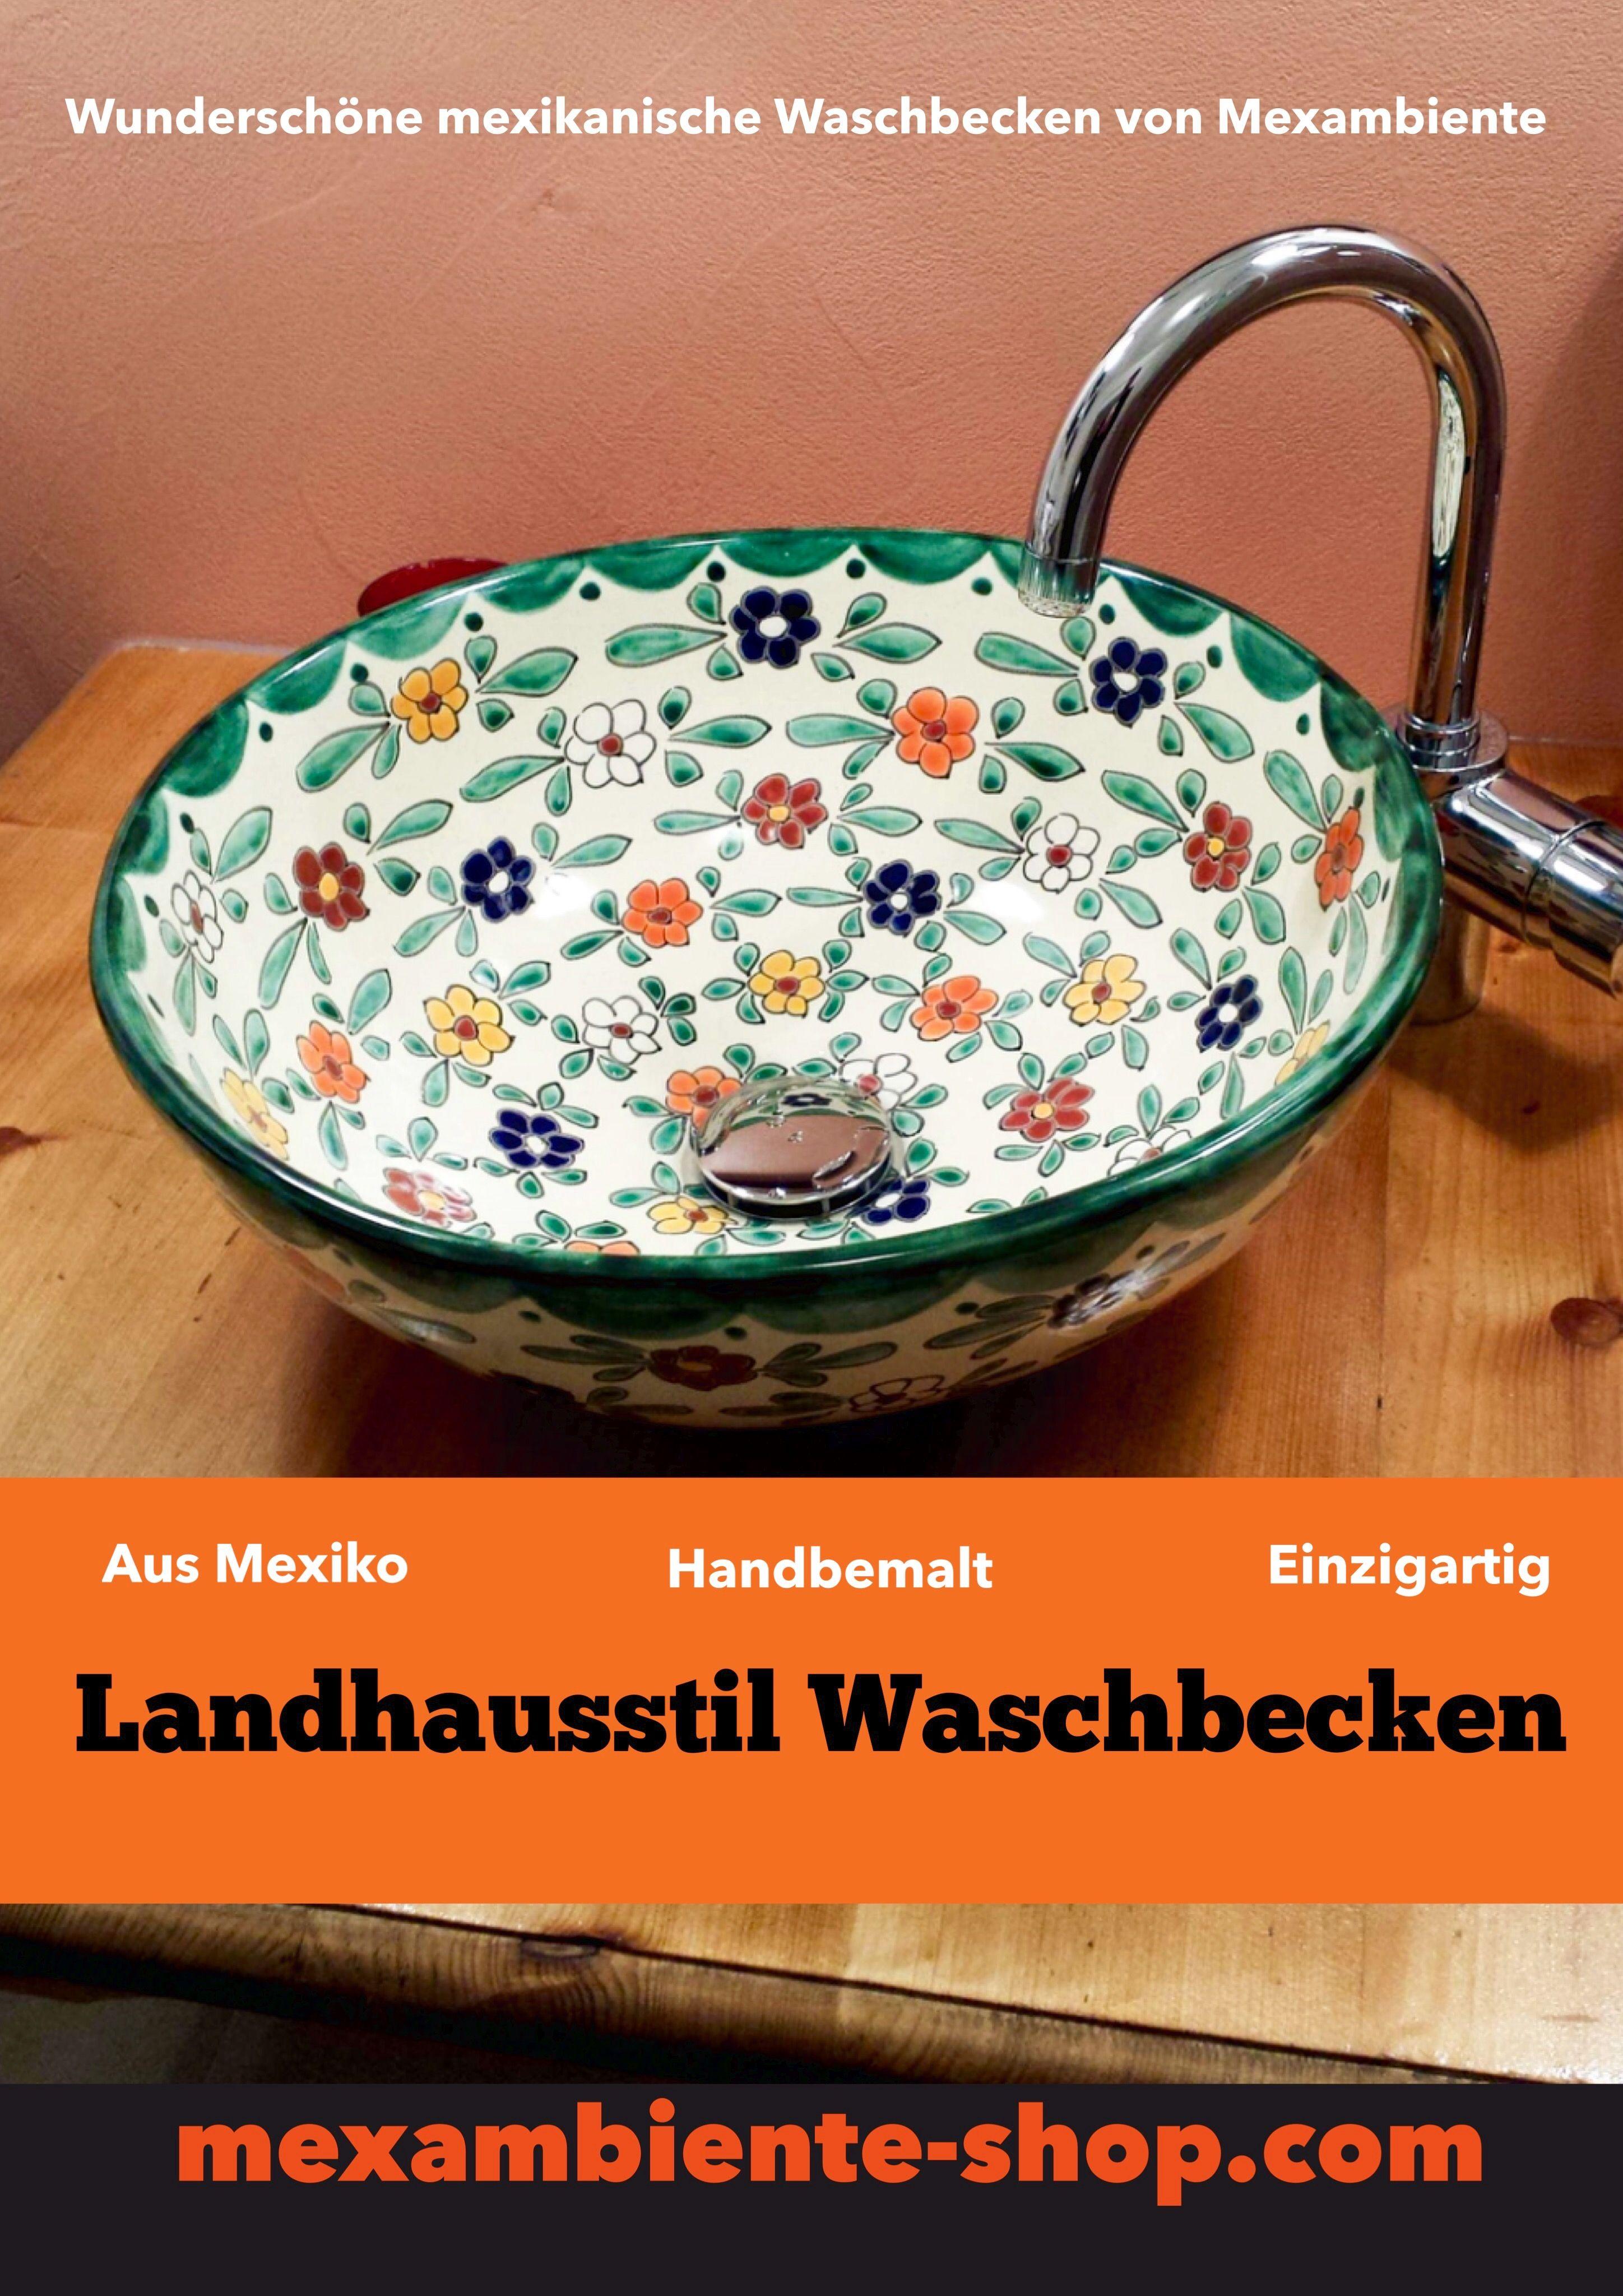 Handbemalte Waschbecken im Landhausstil von Mexambiente #landhaus ...